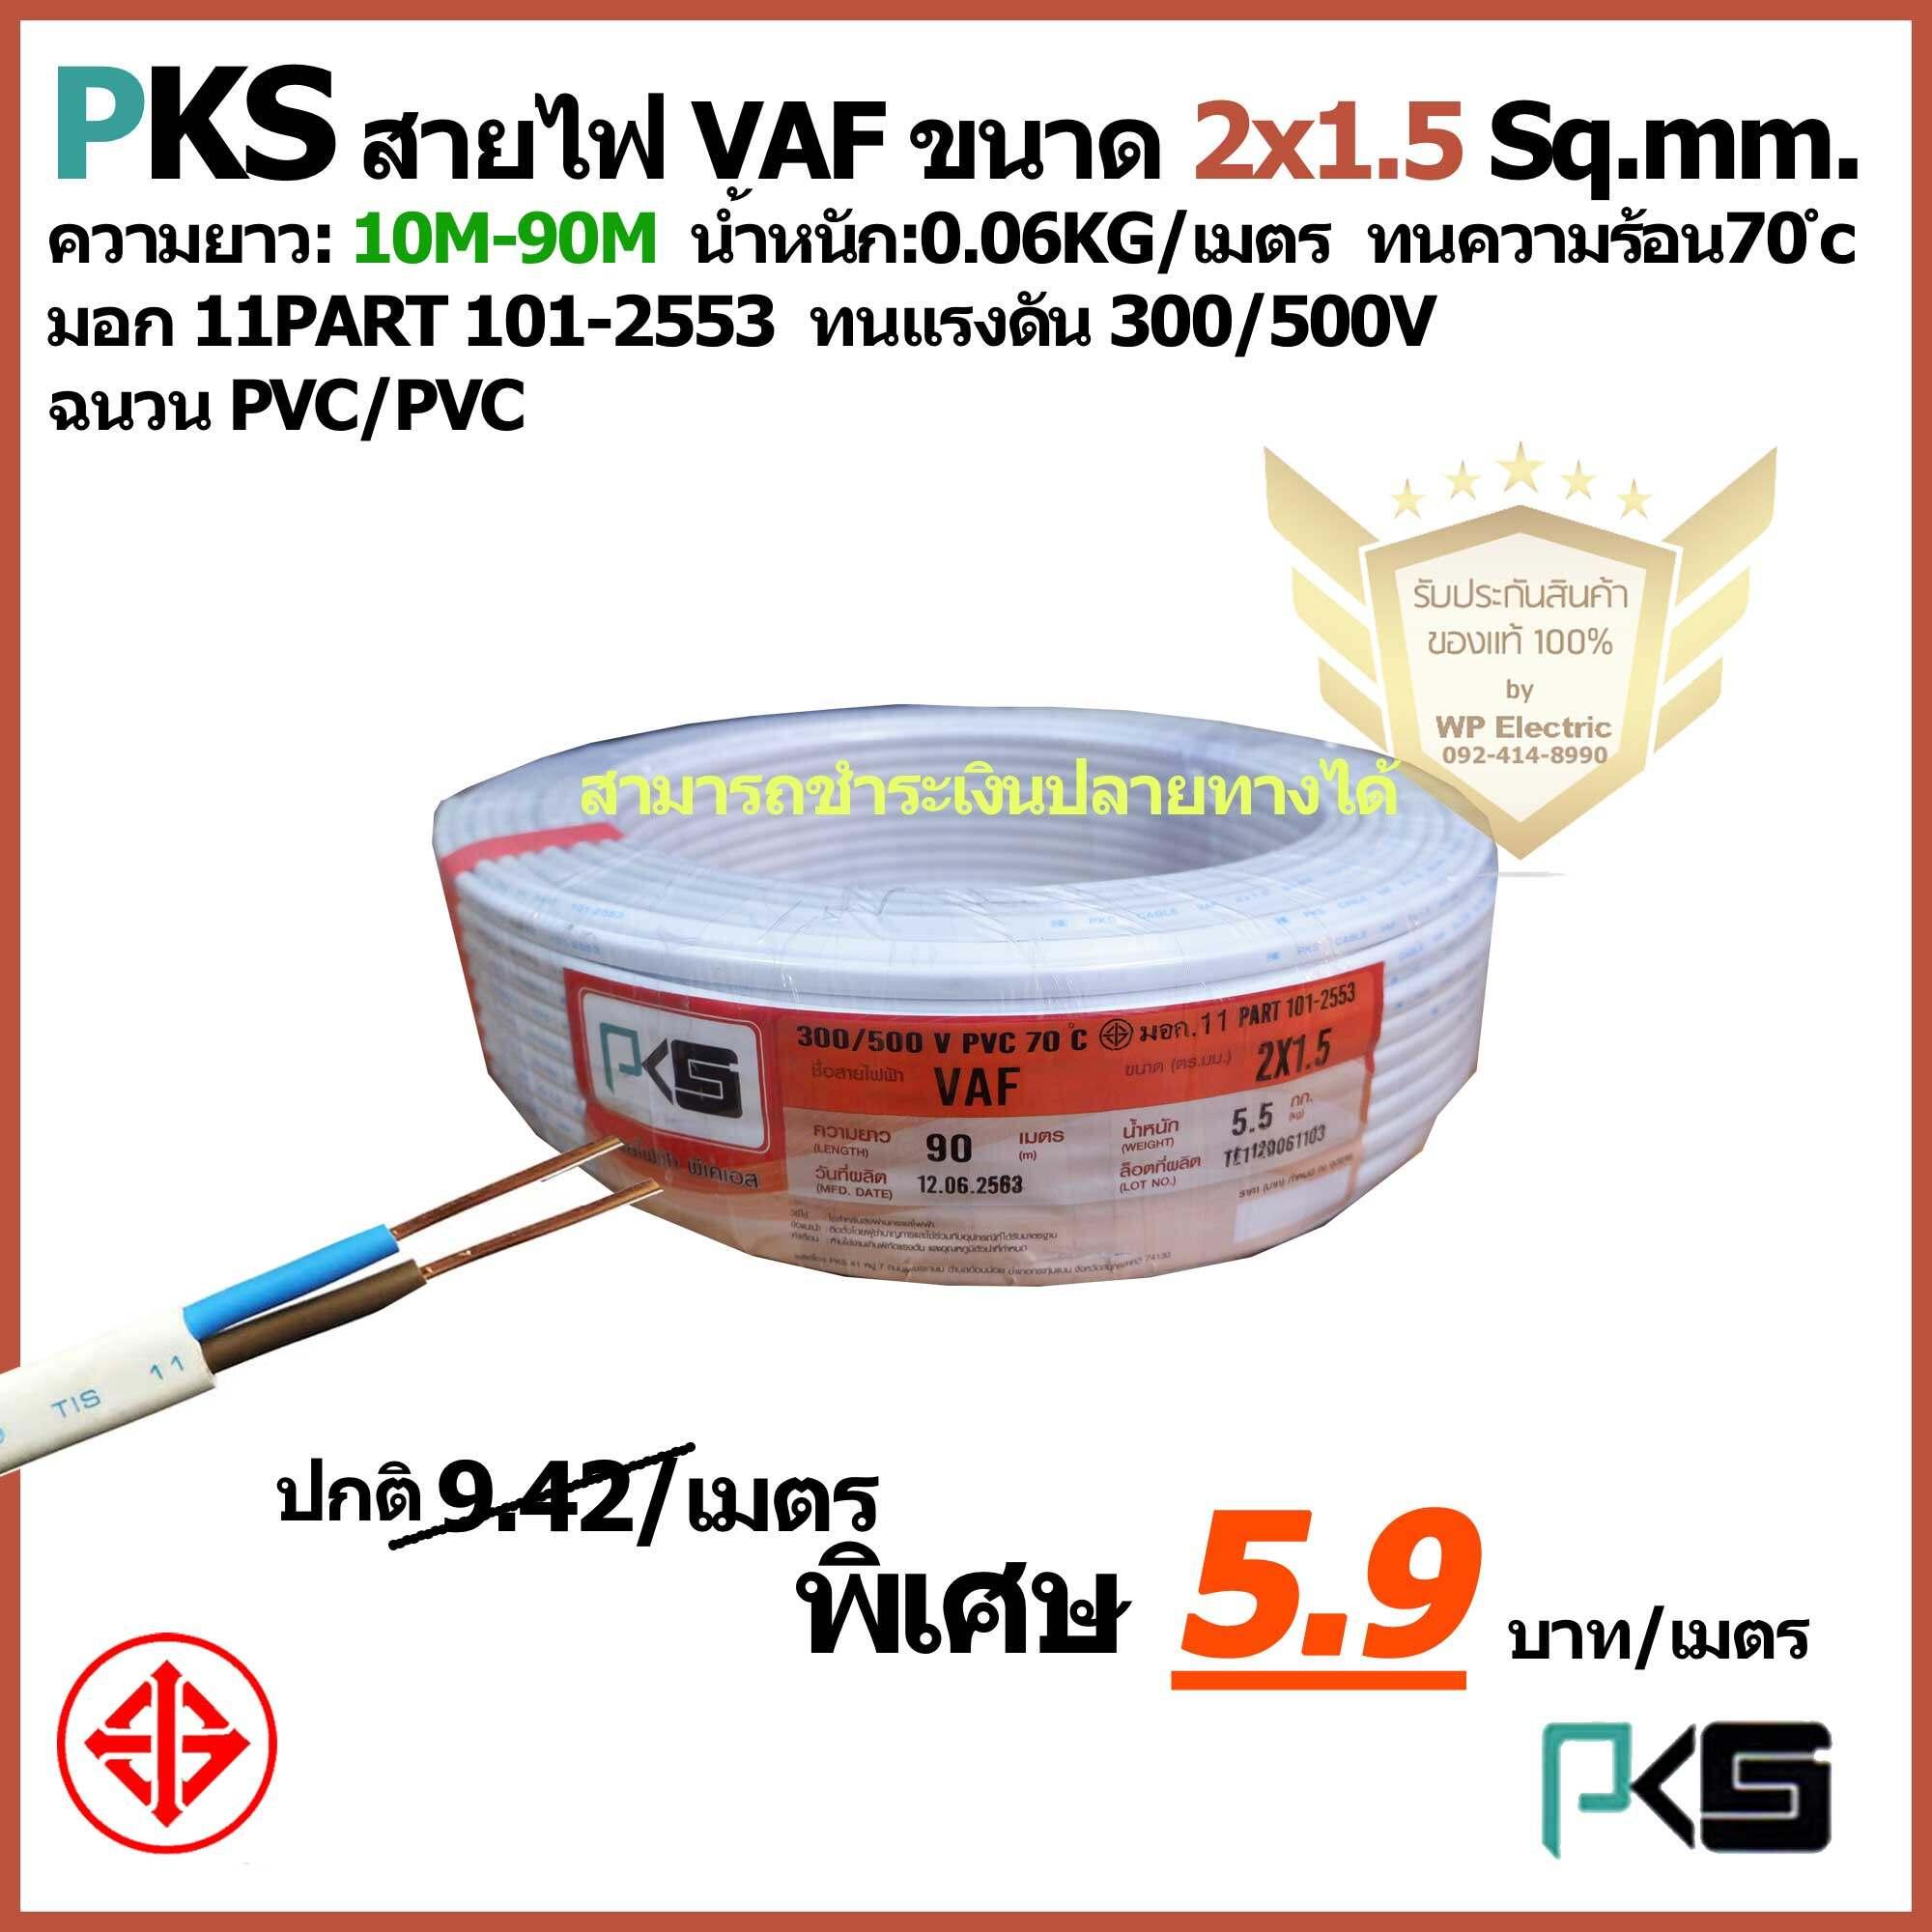 สายไฟ VAF 2x1.5 sq.mm. ความยาว 10 เมตร - 90 เมตร ยี่ห้อ PKS